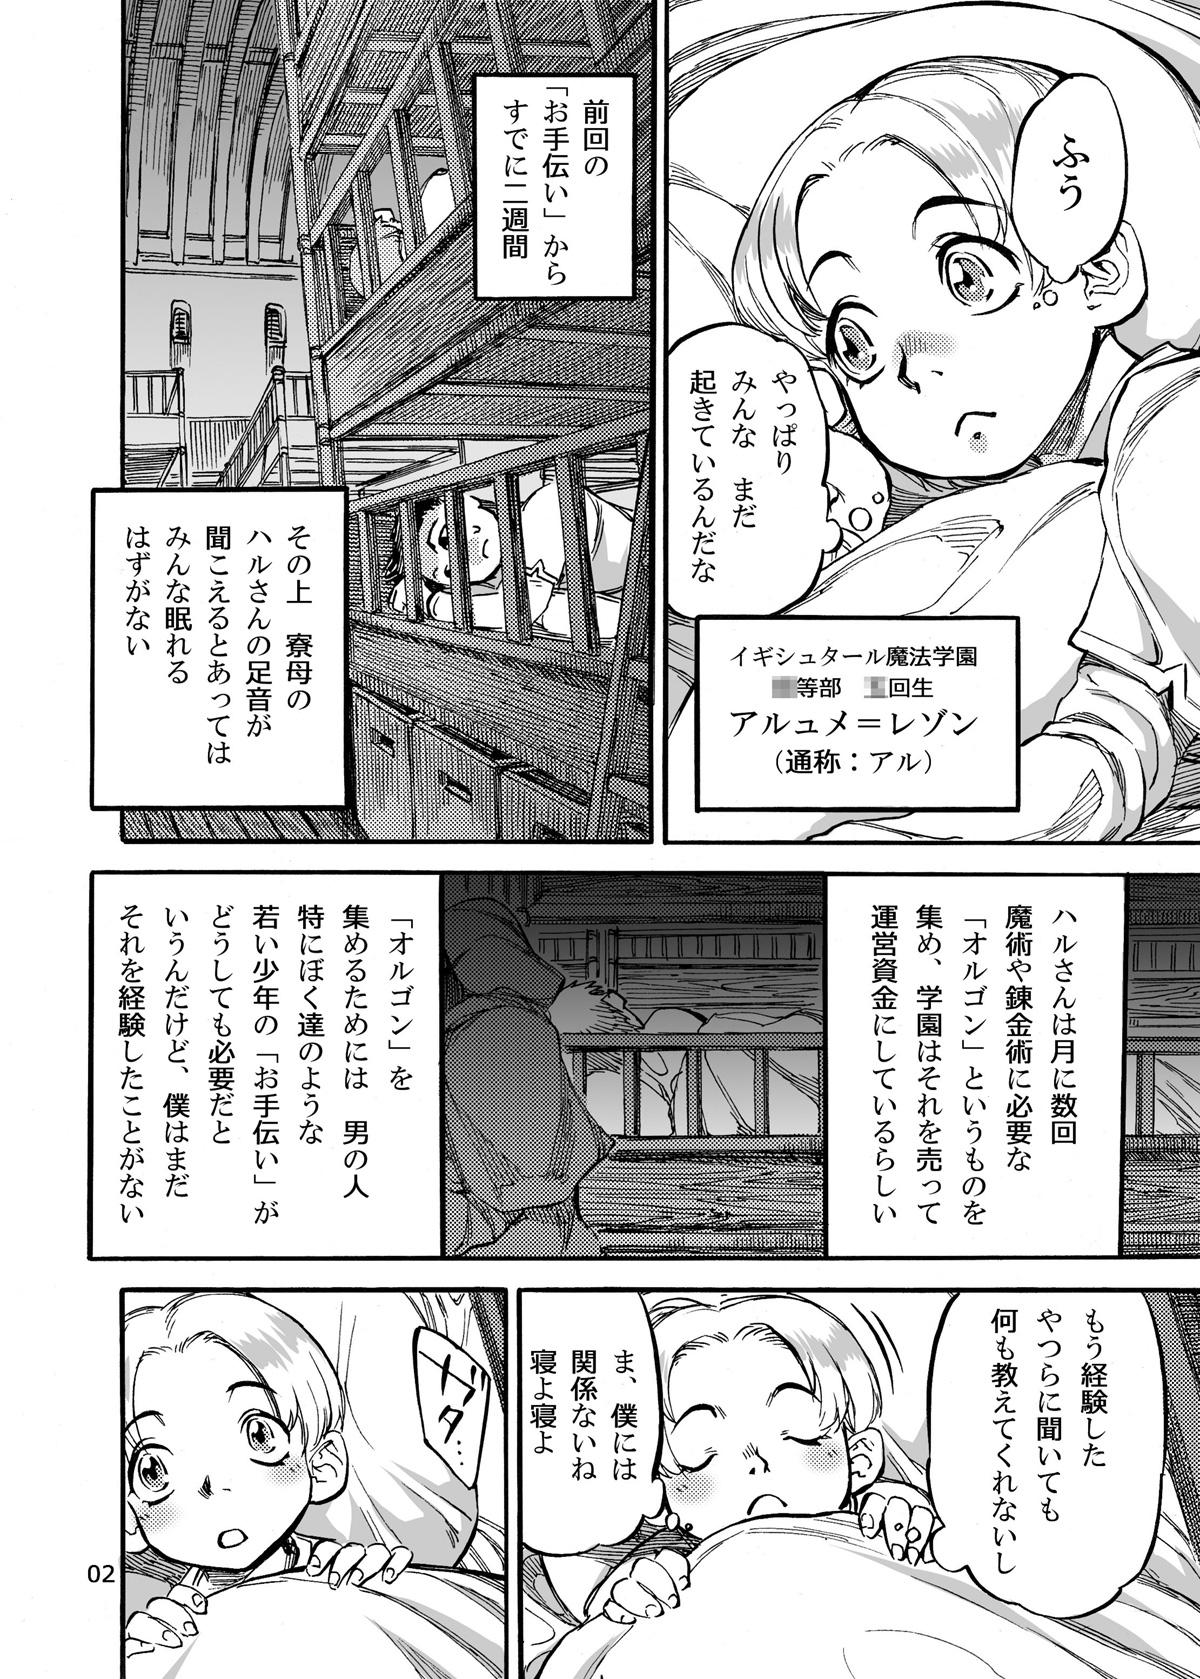 【エロ漫画・エロ同人】寮母のおばさんに精通の面倒をみてもらって最強の快楽を教えてもらうショタ寮生たちwwwww (3)